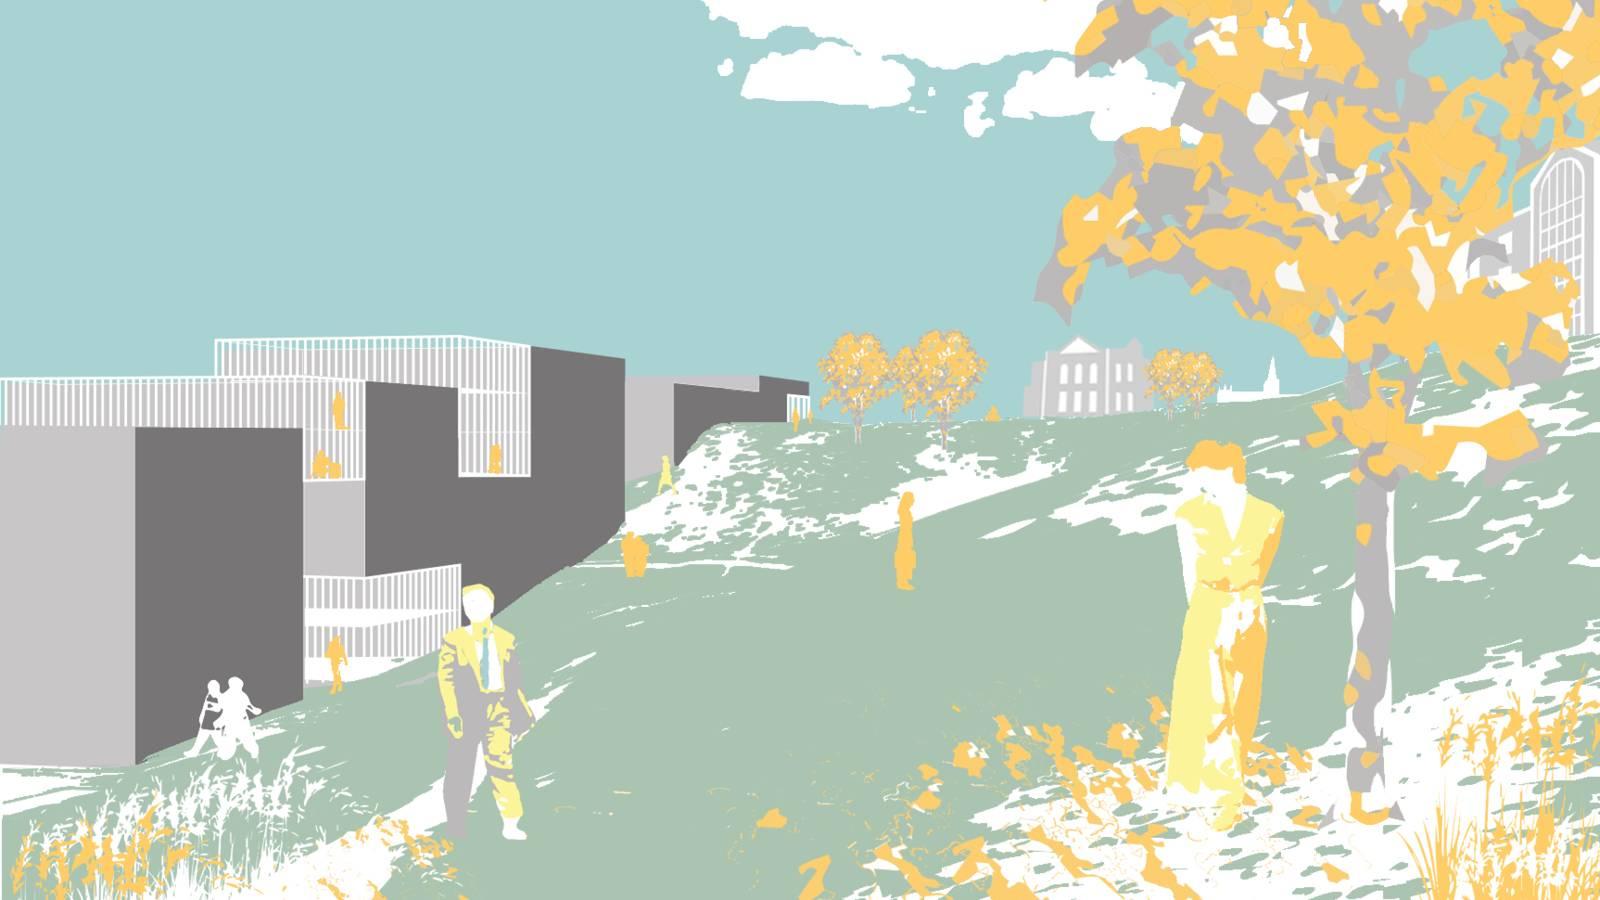 CAMPUS PARK VIEW - NTNU – More Park, More City! - SPOL Architects